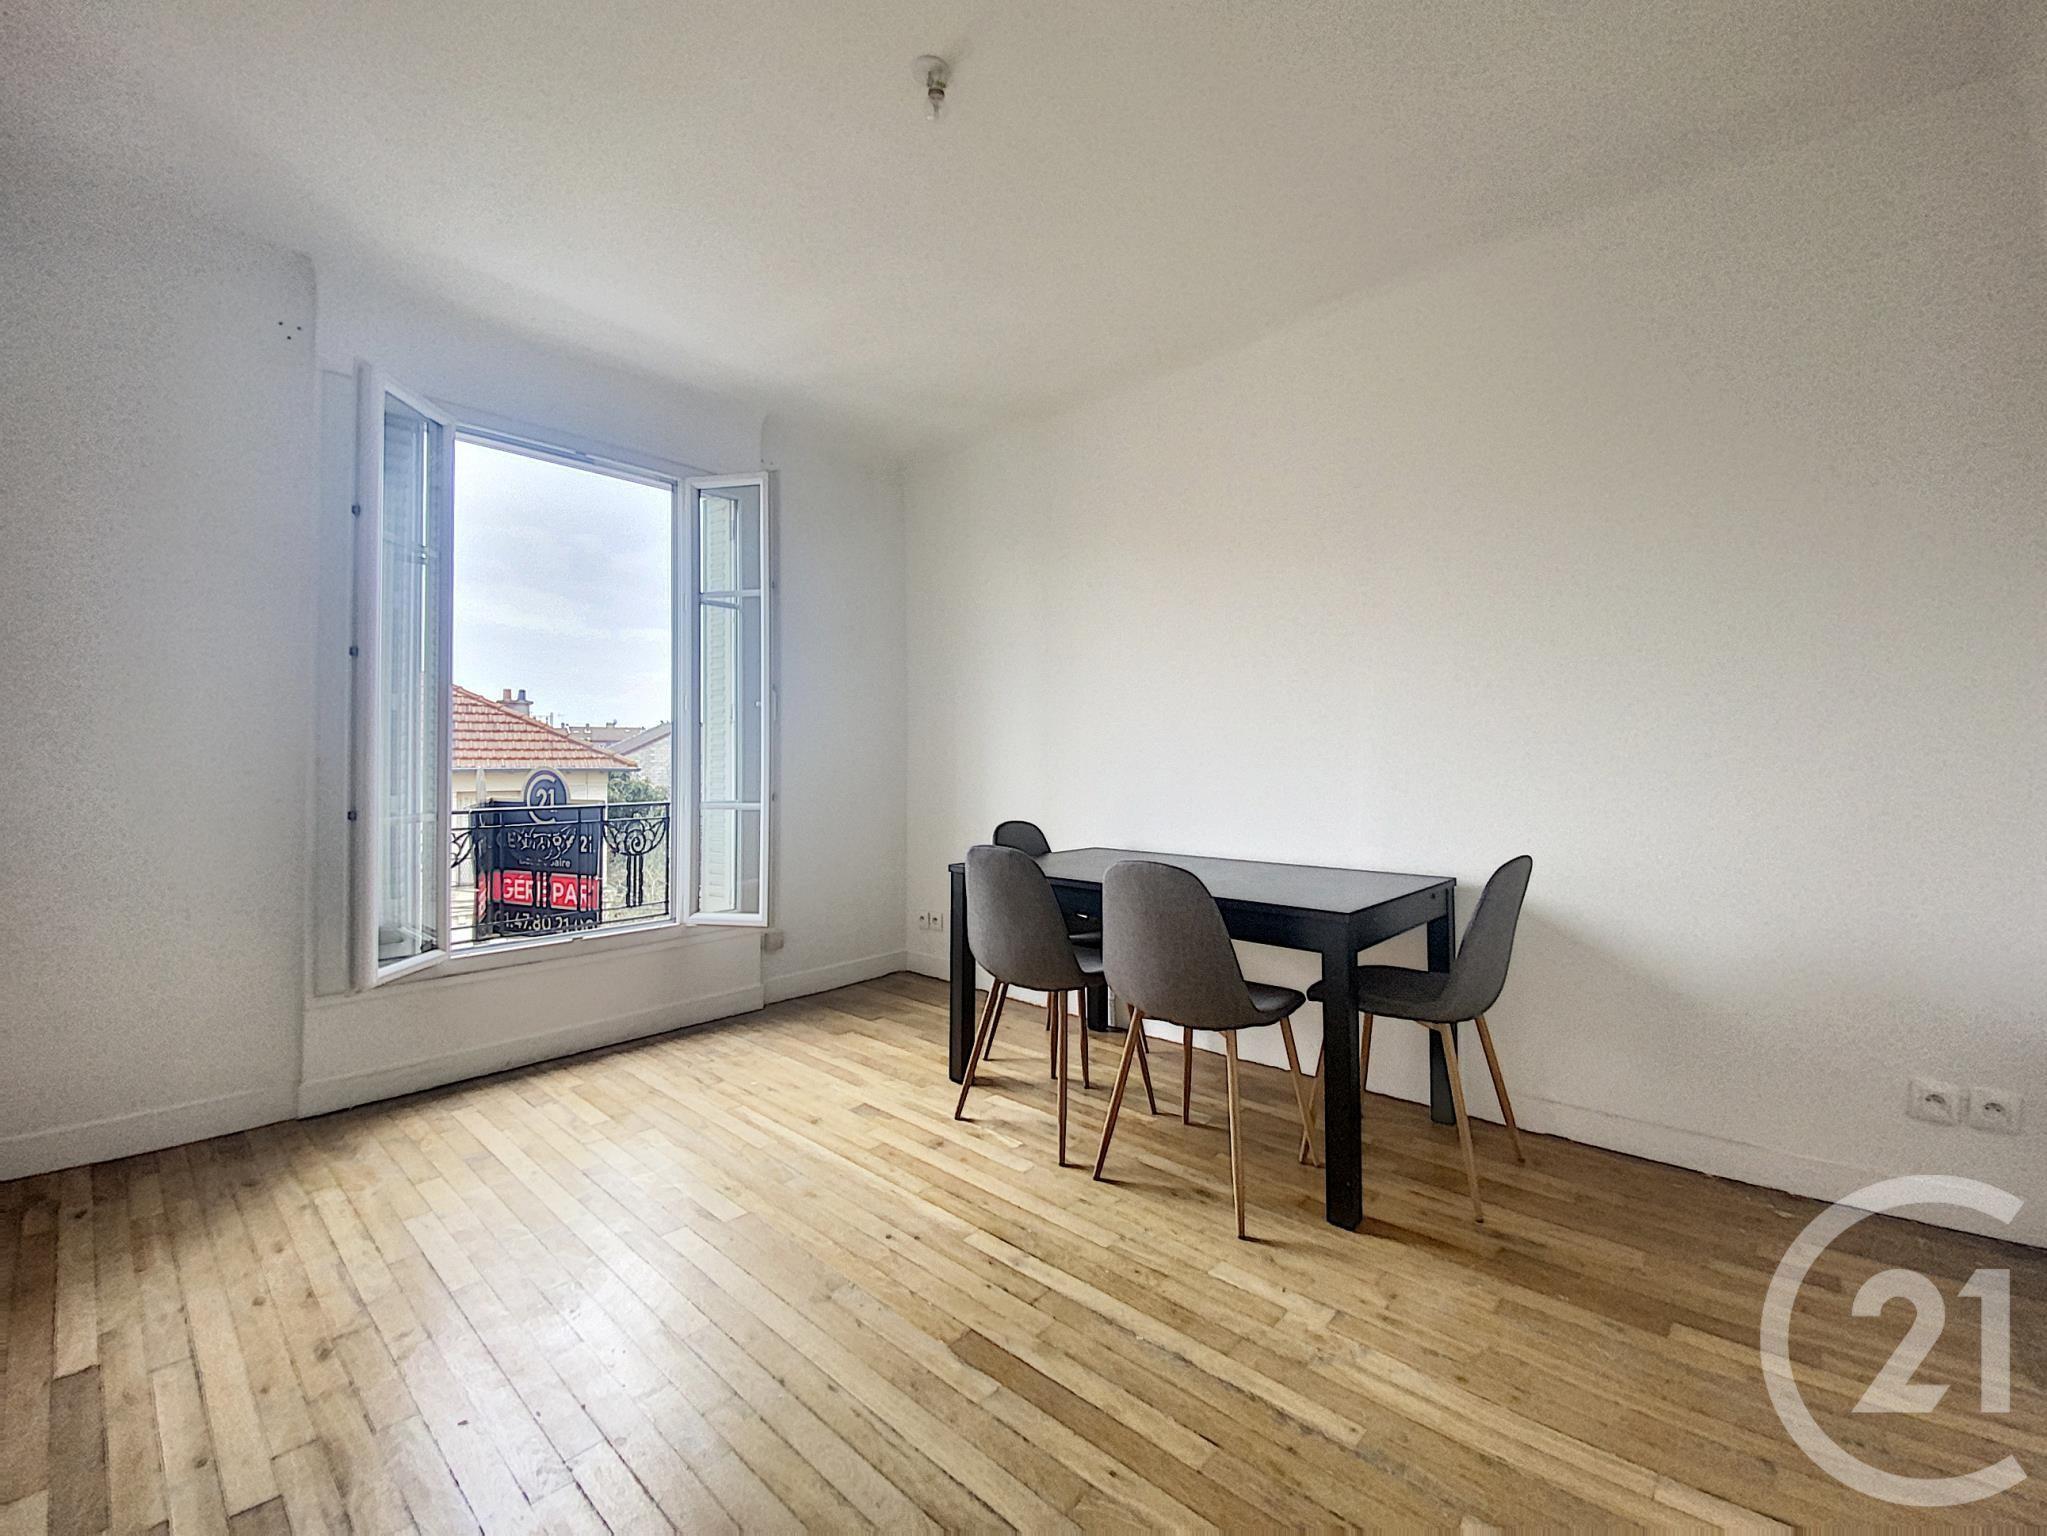 Appartement a louer colombes - 2 pièce(s) - 40.62 m2 - Surfyn